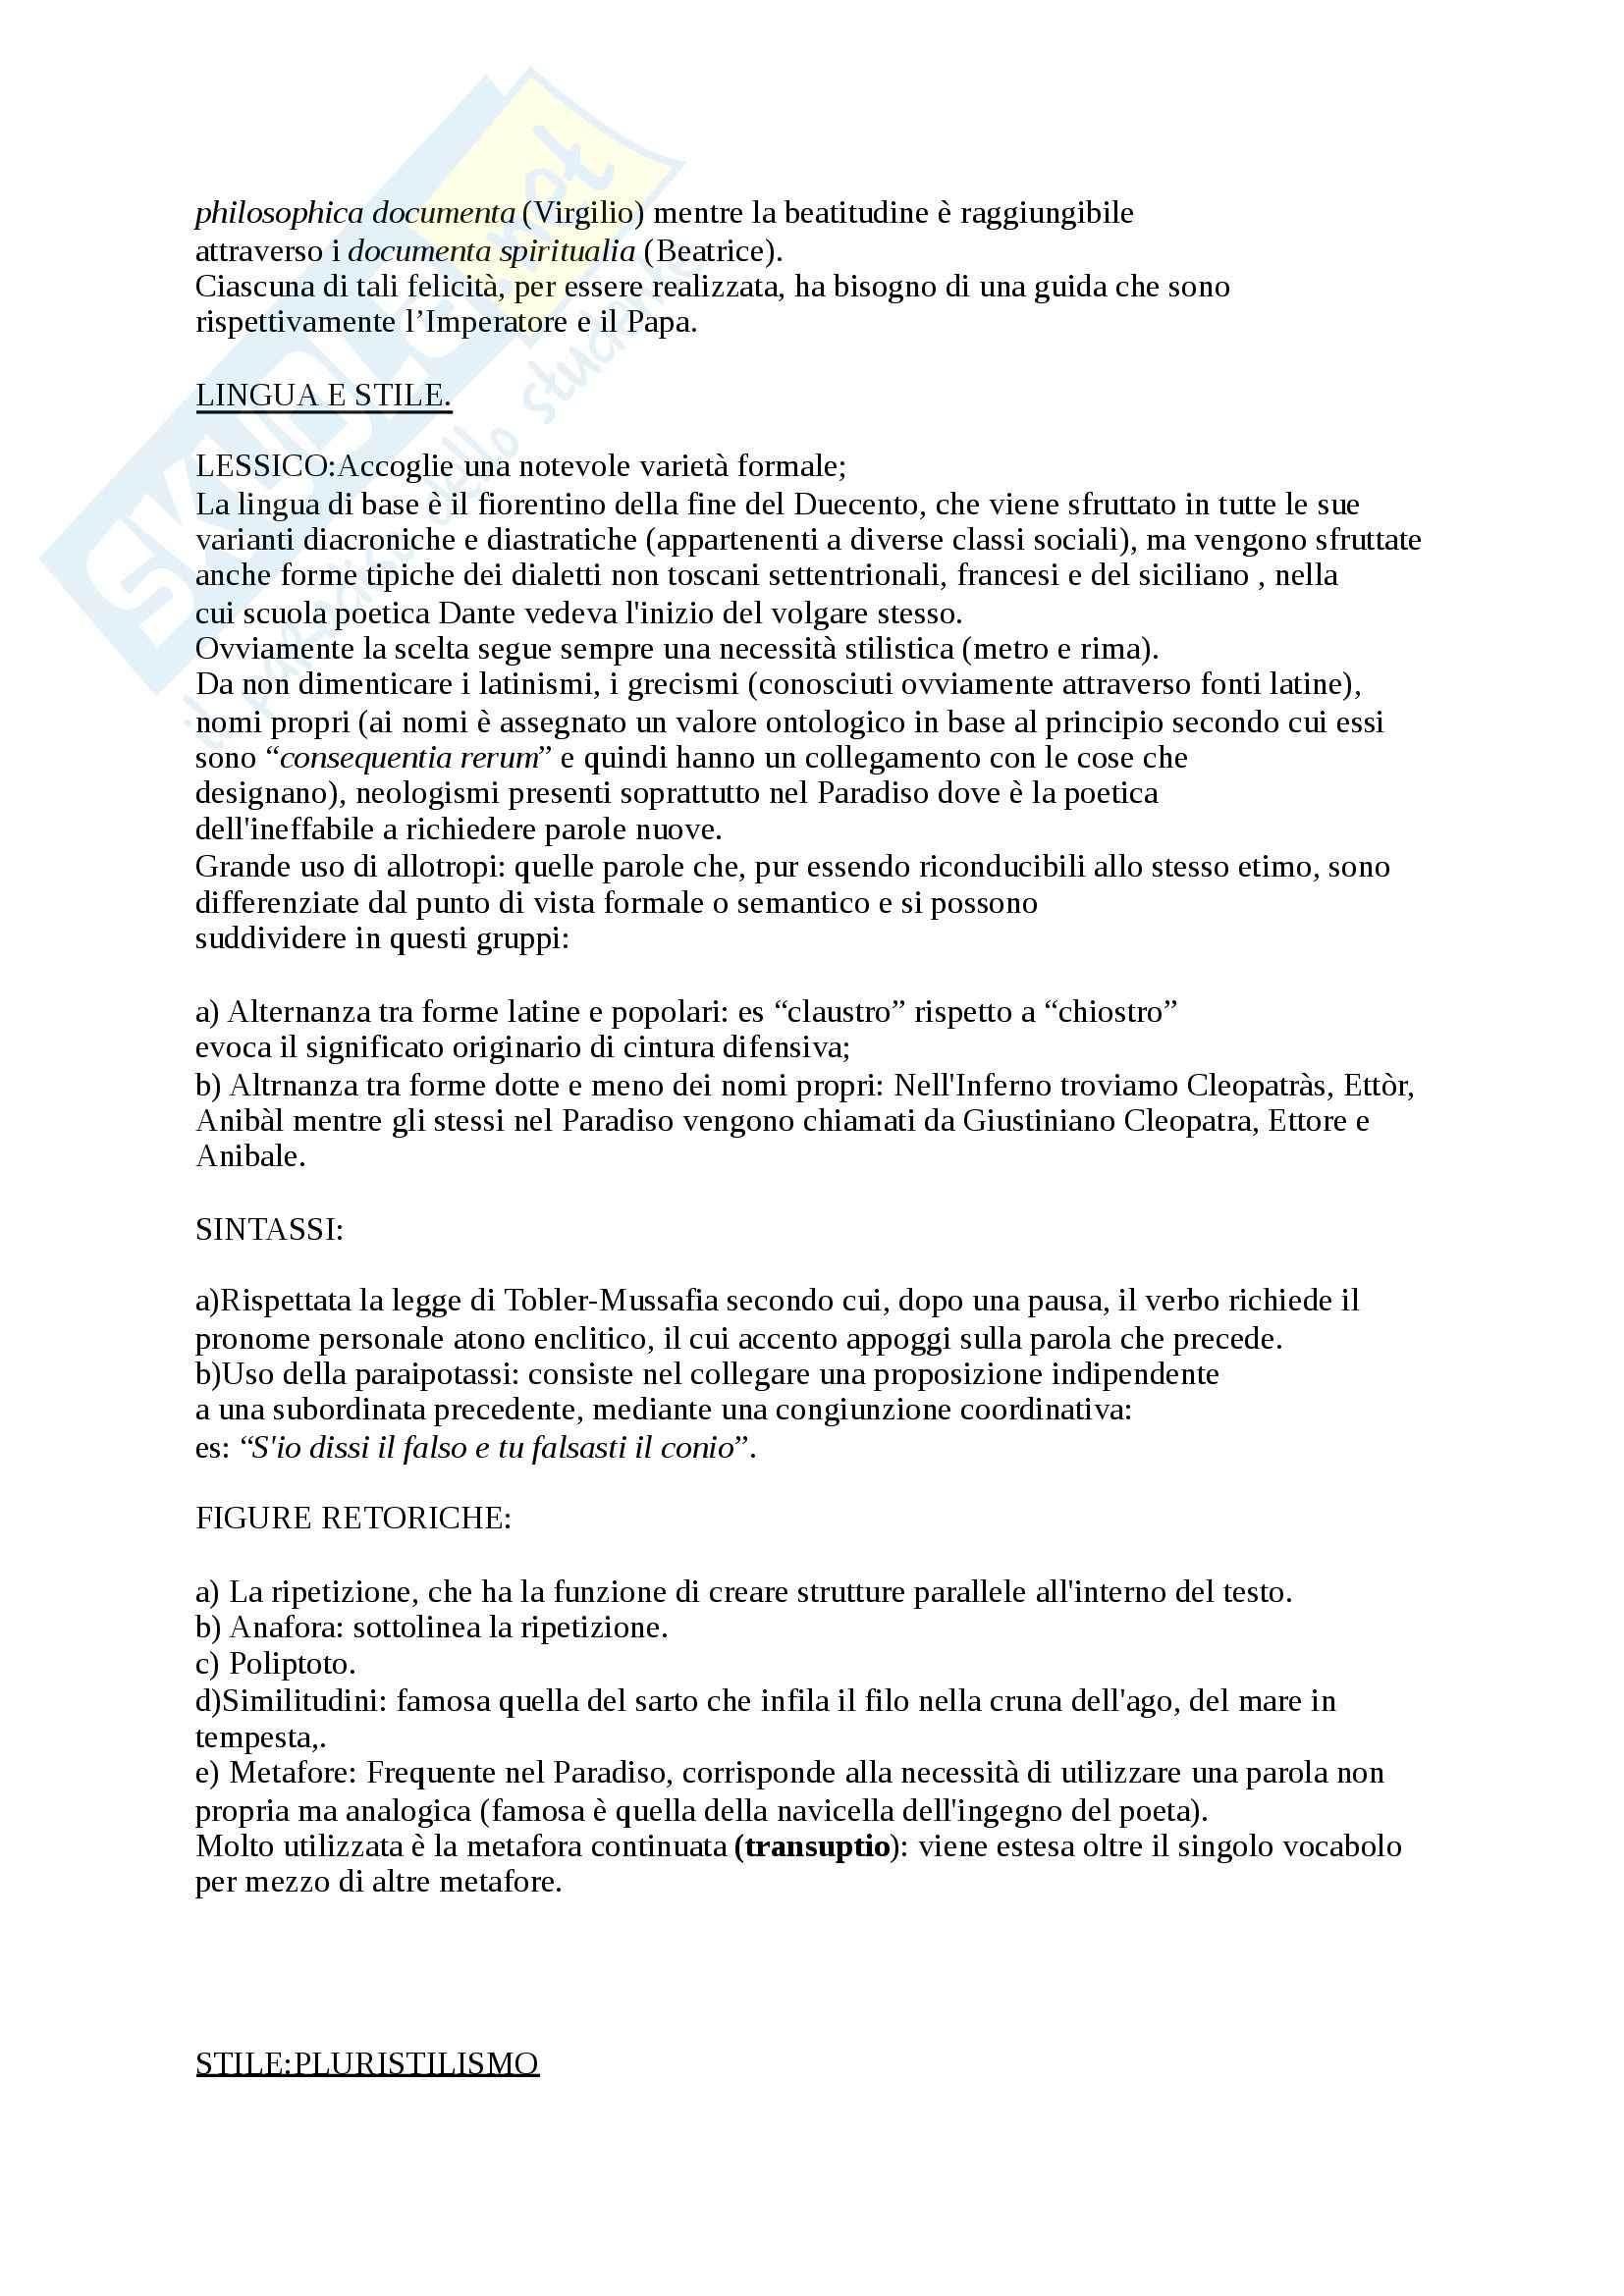 Riassunto esame Istituzioni di Filologia Italiana, testo consigliato Filologia e critica dantesca, Bellomo, prof. Fiorilla Pag. 11